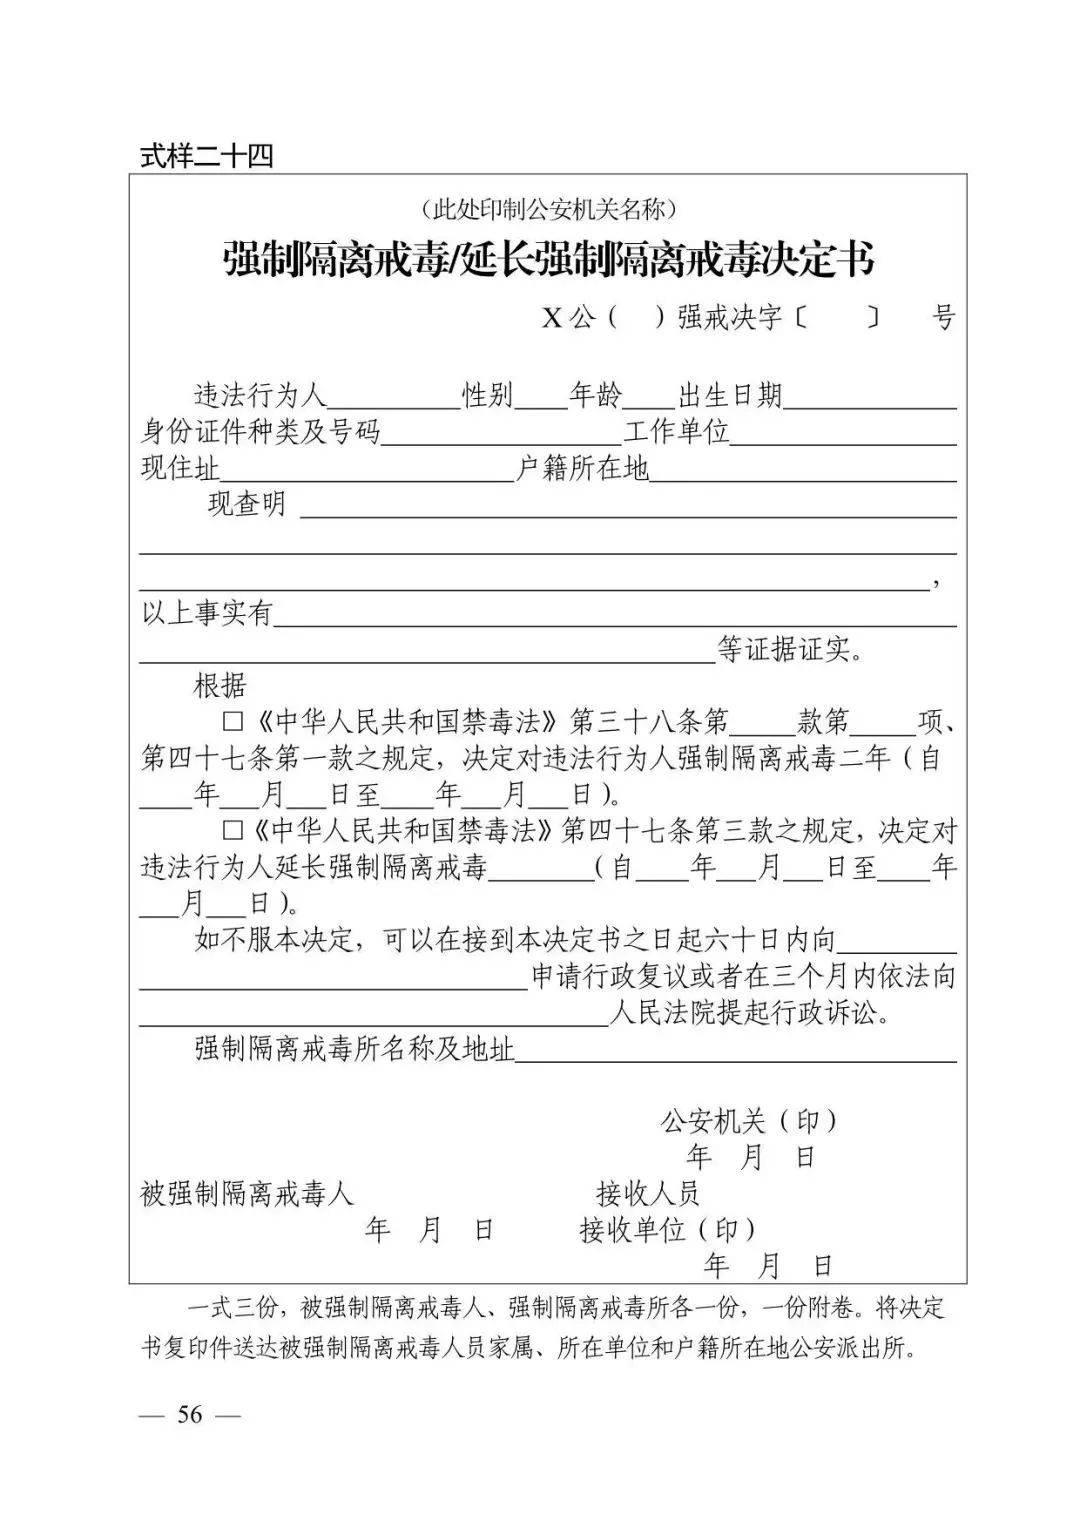 烟花爆竹安全检查_公安行政法律文书式样(2019版) | 免费认领